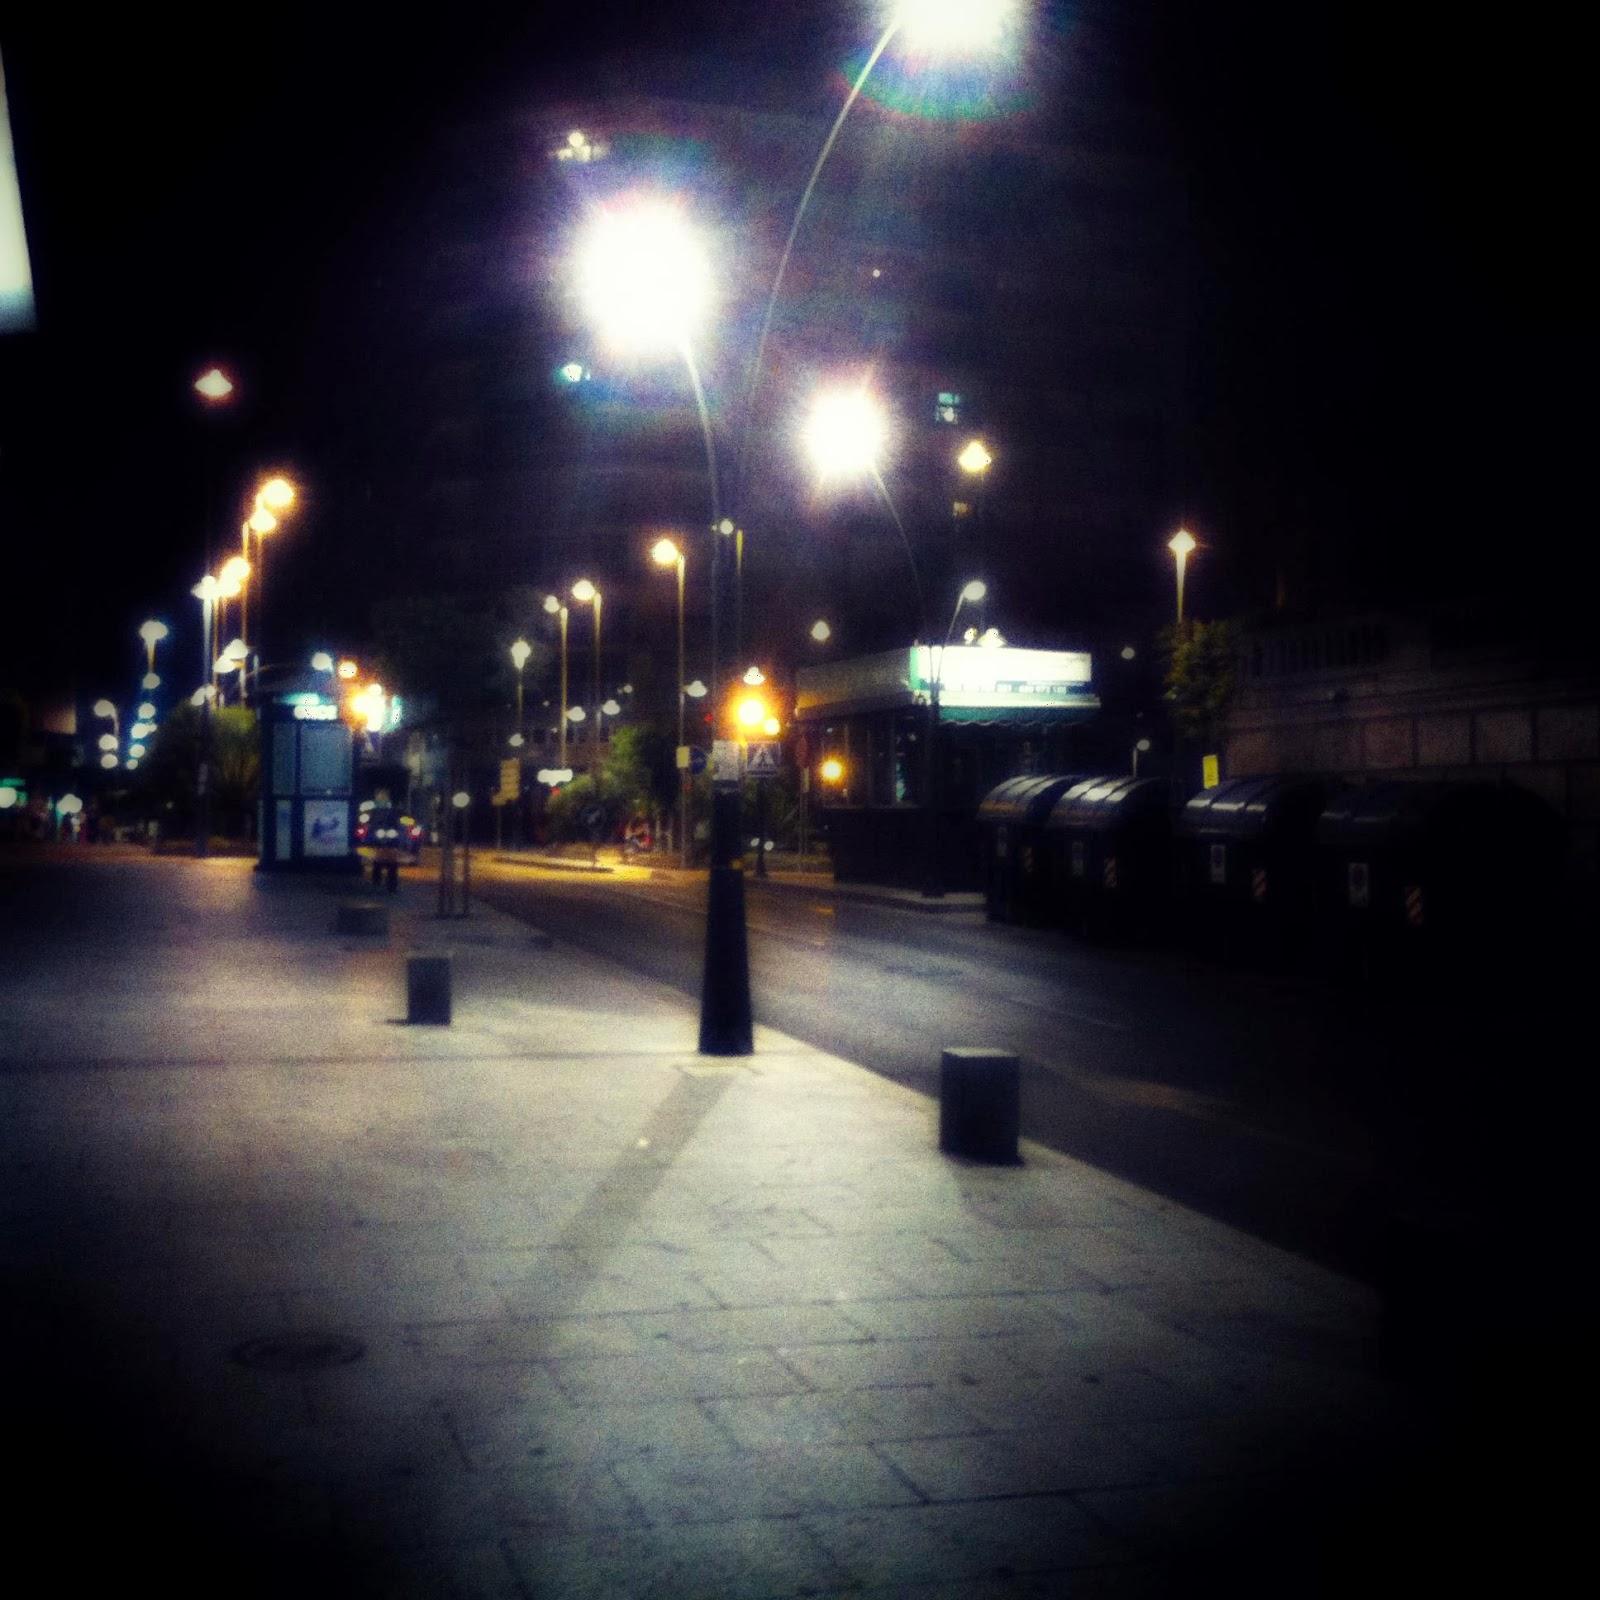 La noche en Almería